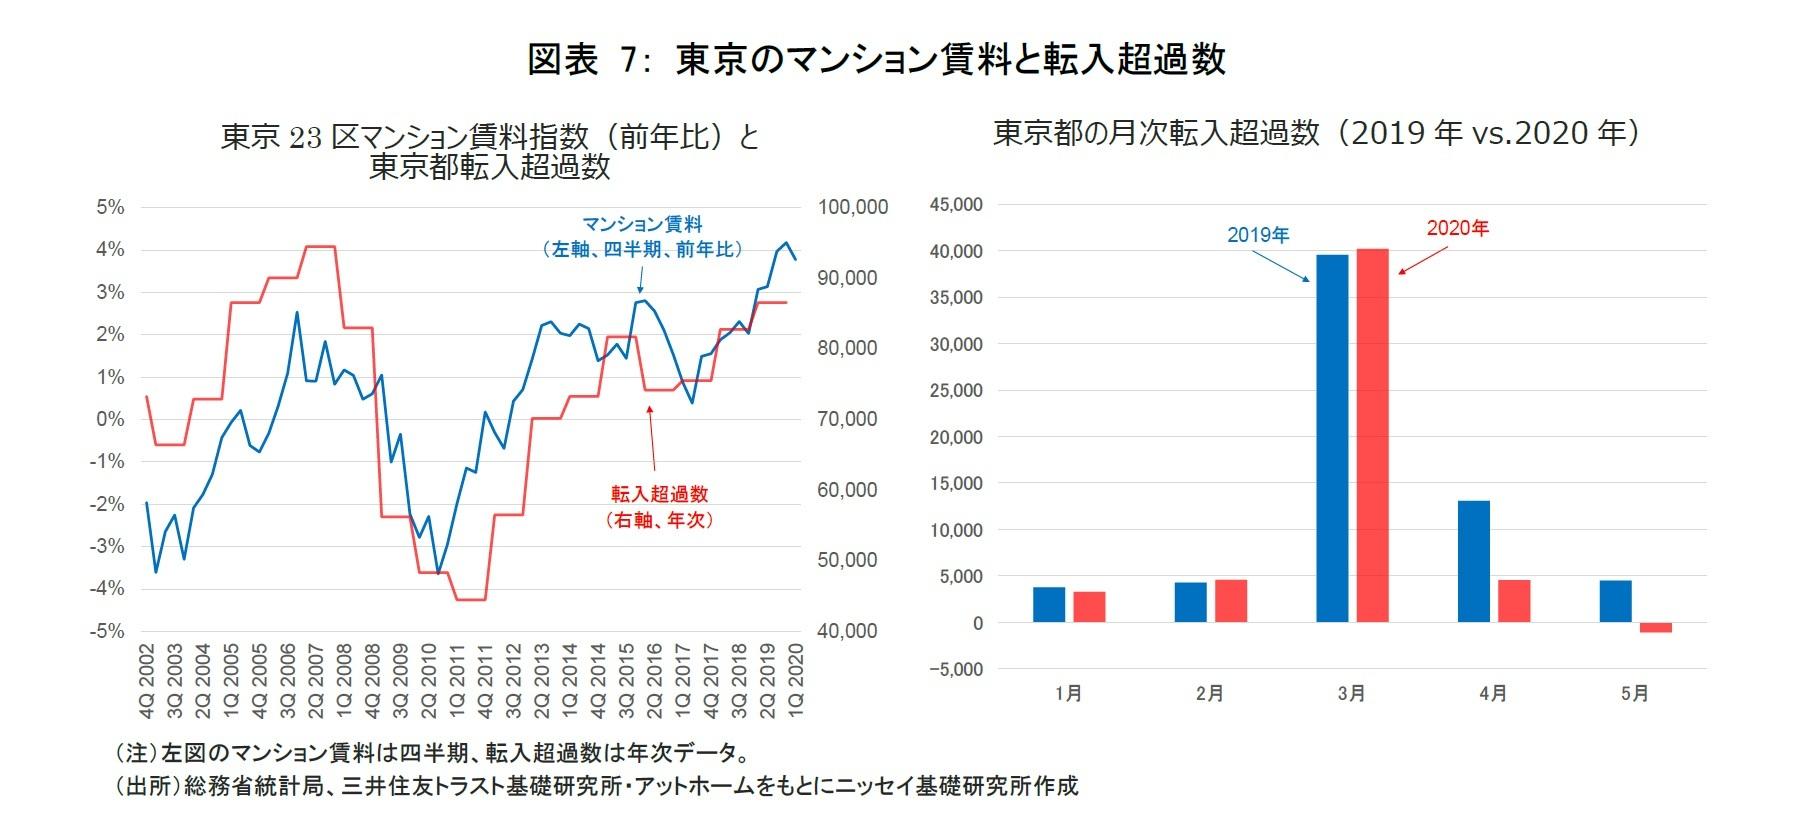 図表 7: 東京のマンション賃料と転入超過数